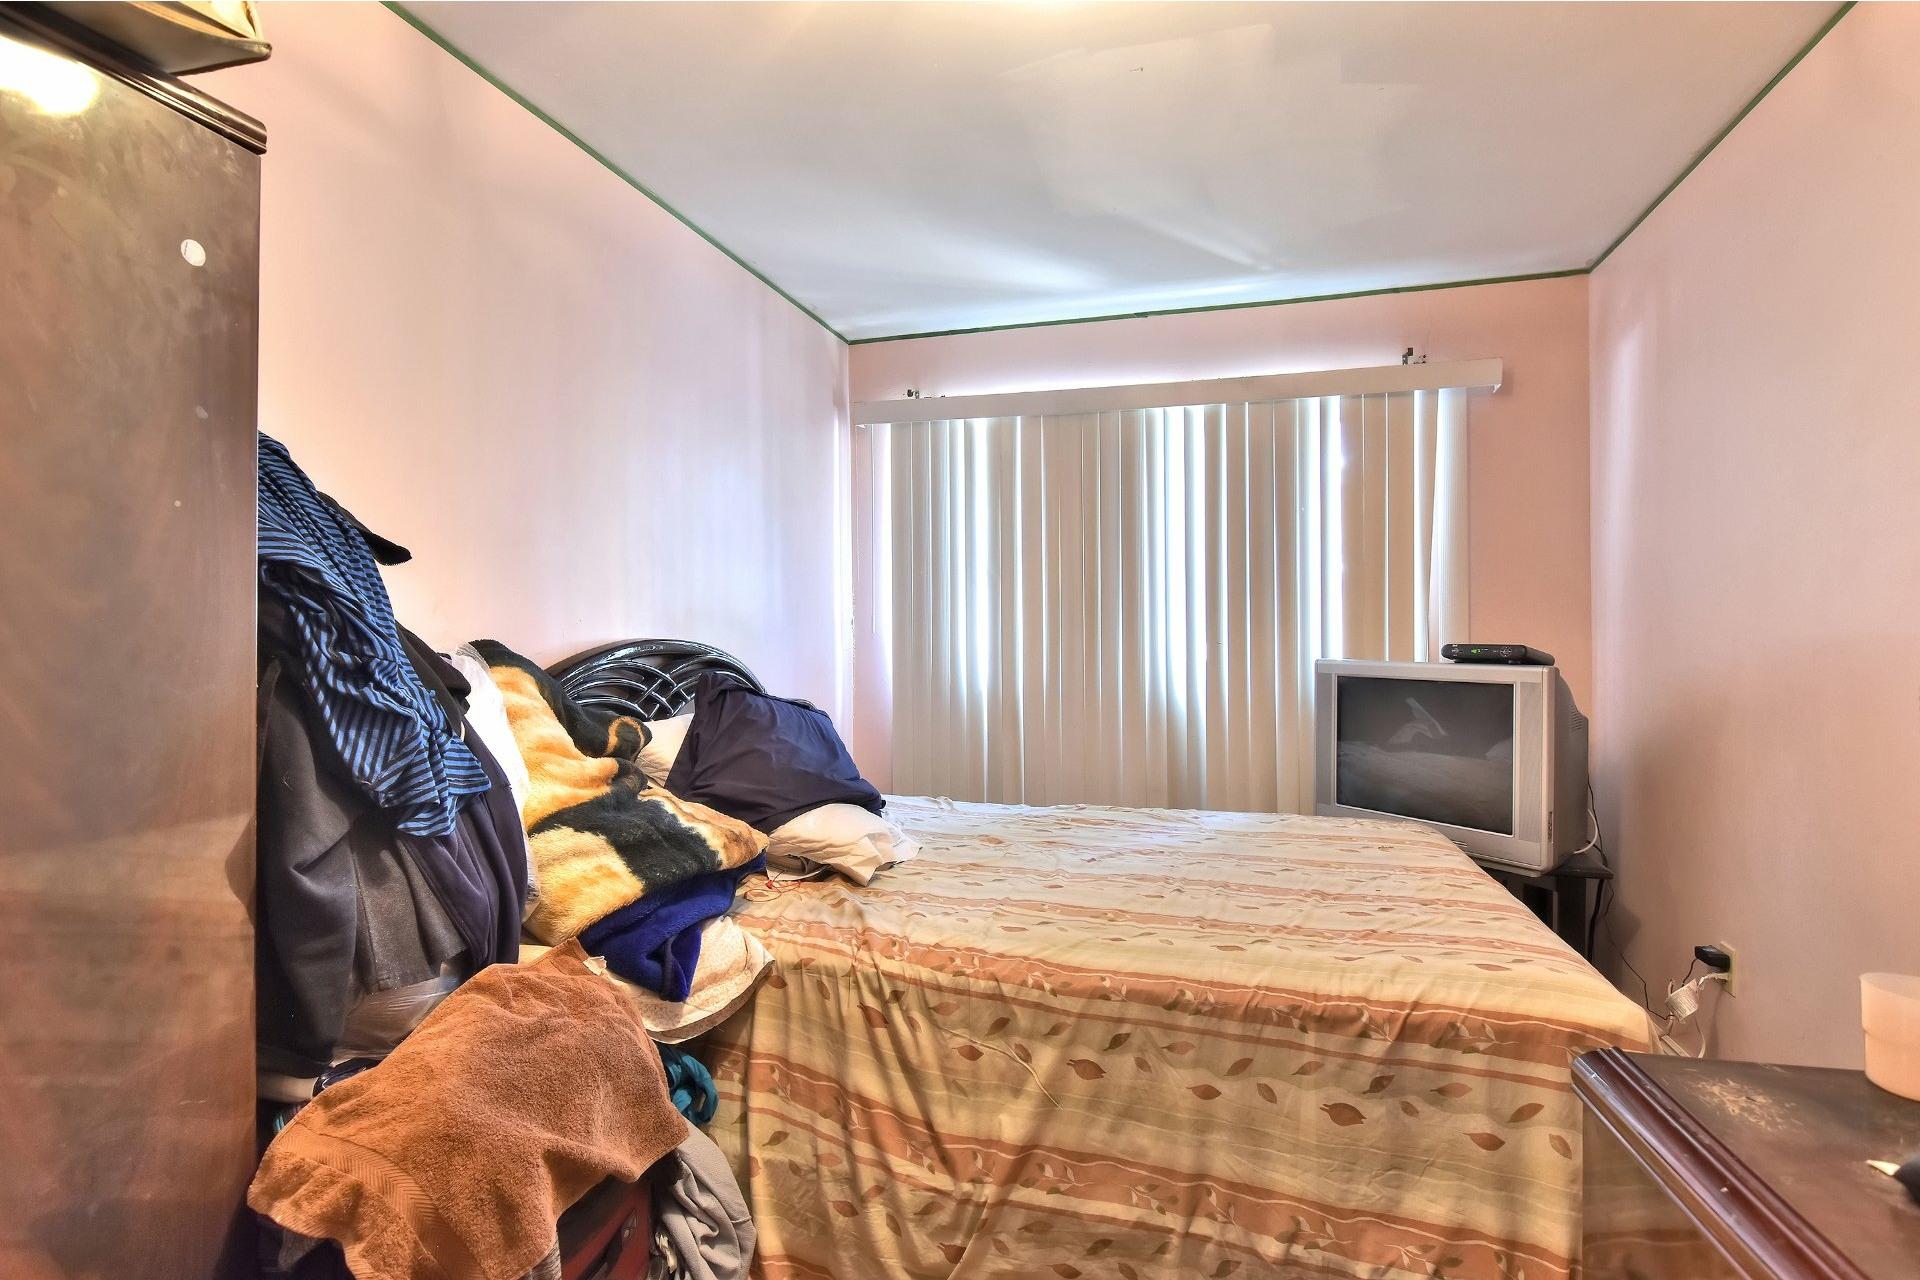 image 8 - Duplex For sale Rivière-des-Prairies/Pointe-aux-Trembles Montréal  - 5 rooms